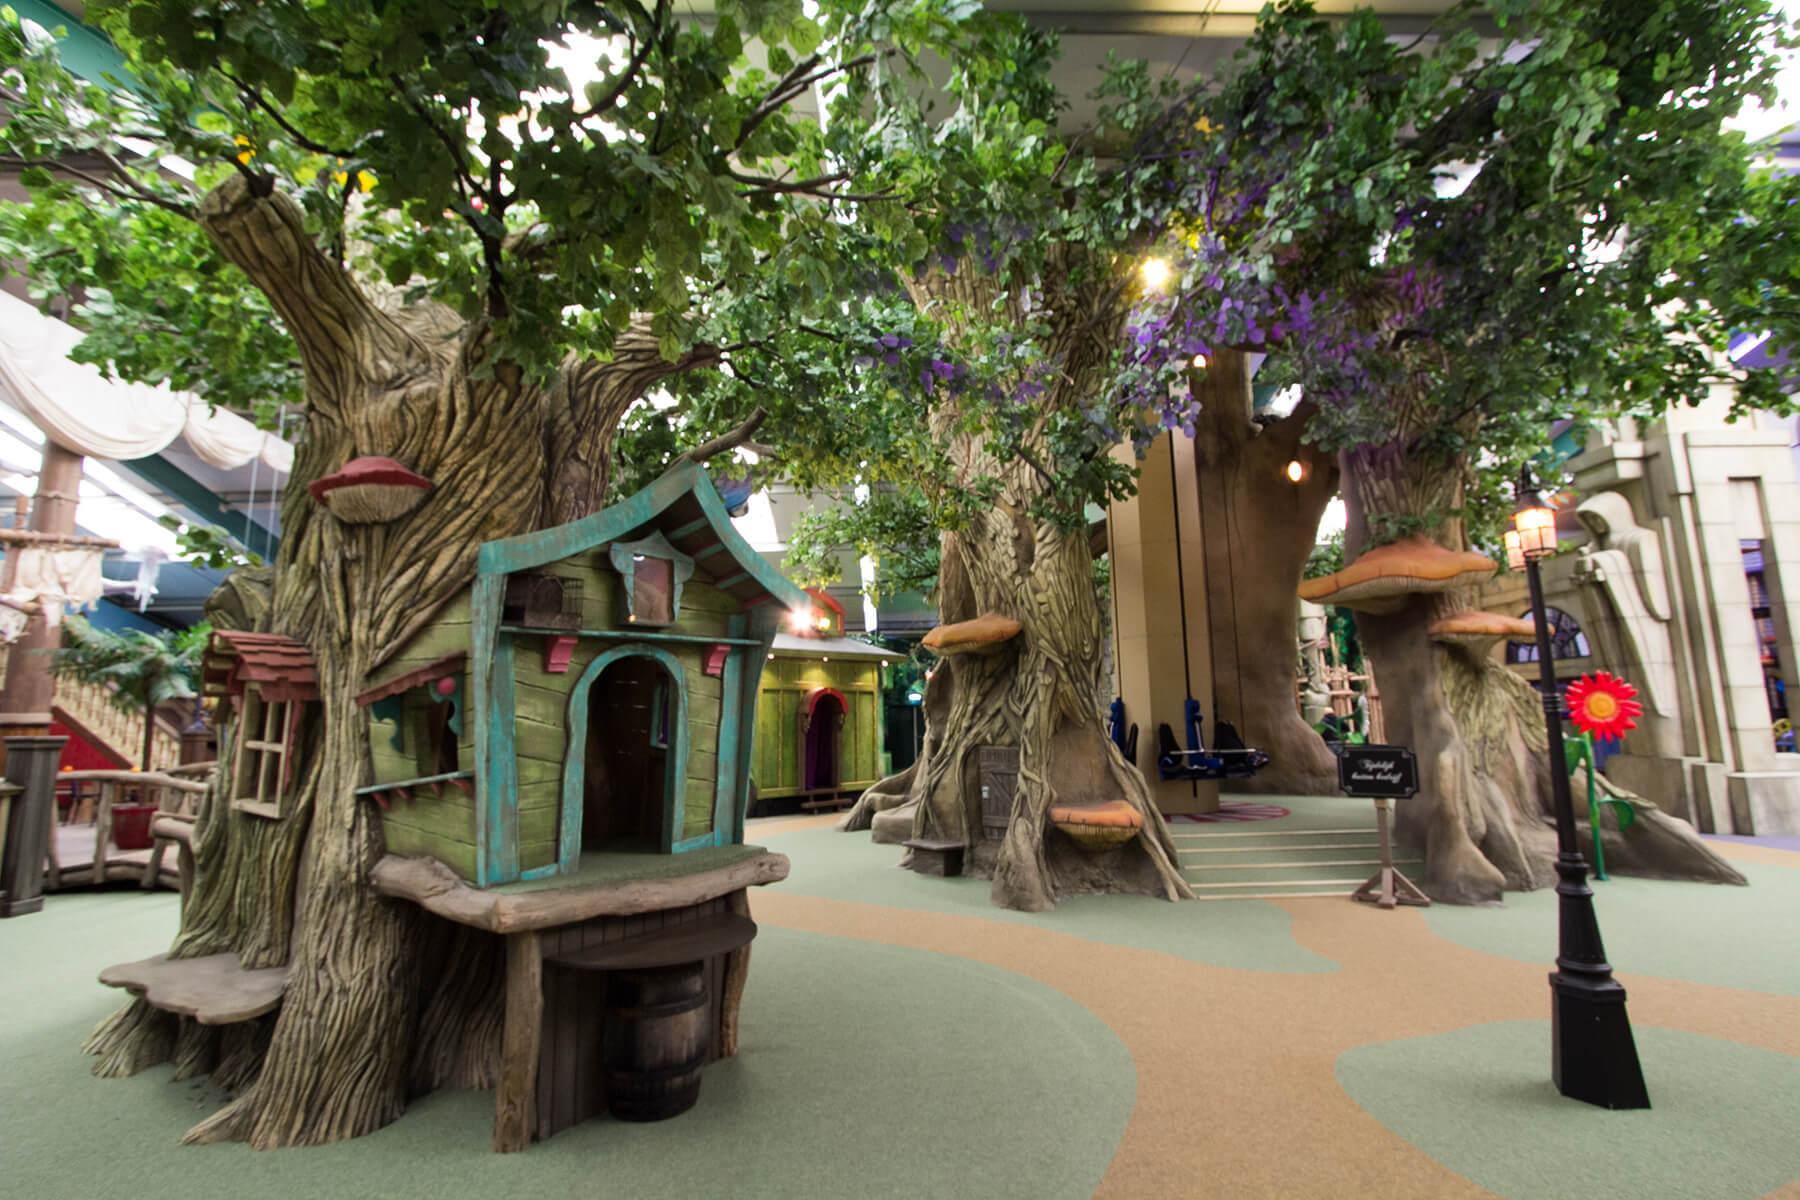 Indoor playstructure Kids Wonderland Molenschot - ELI Play